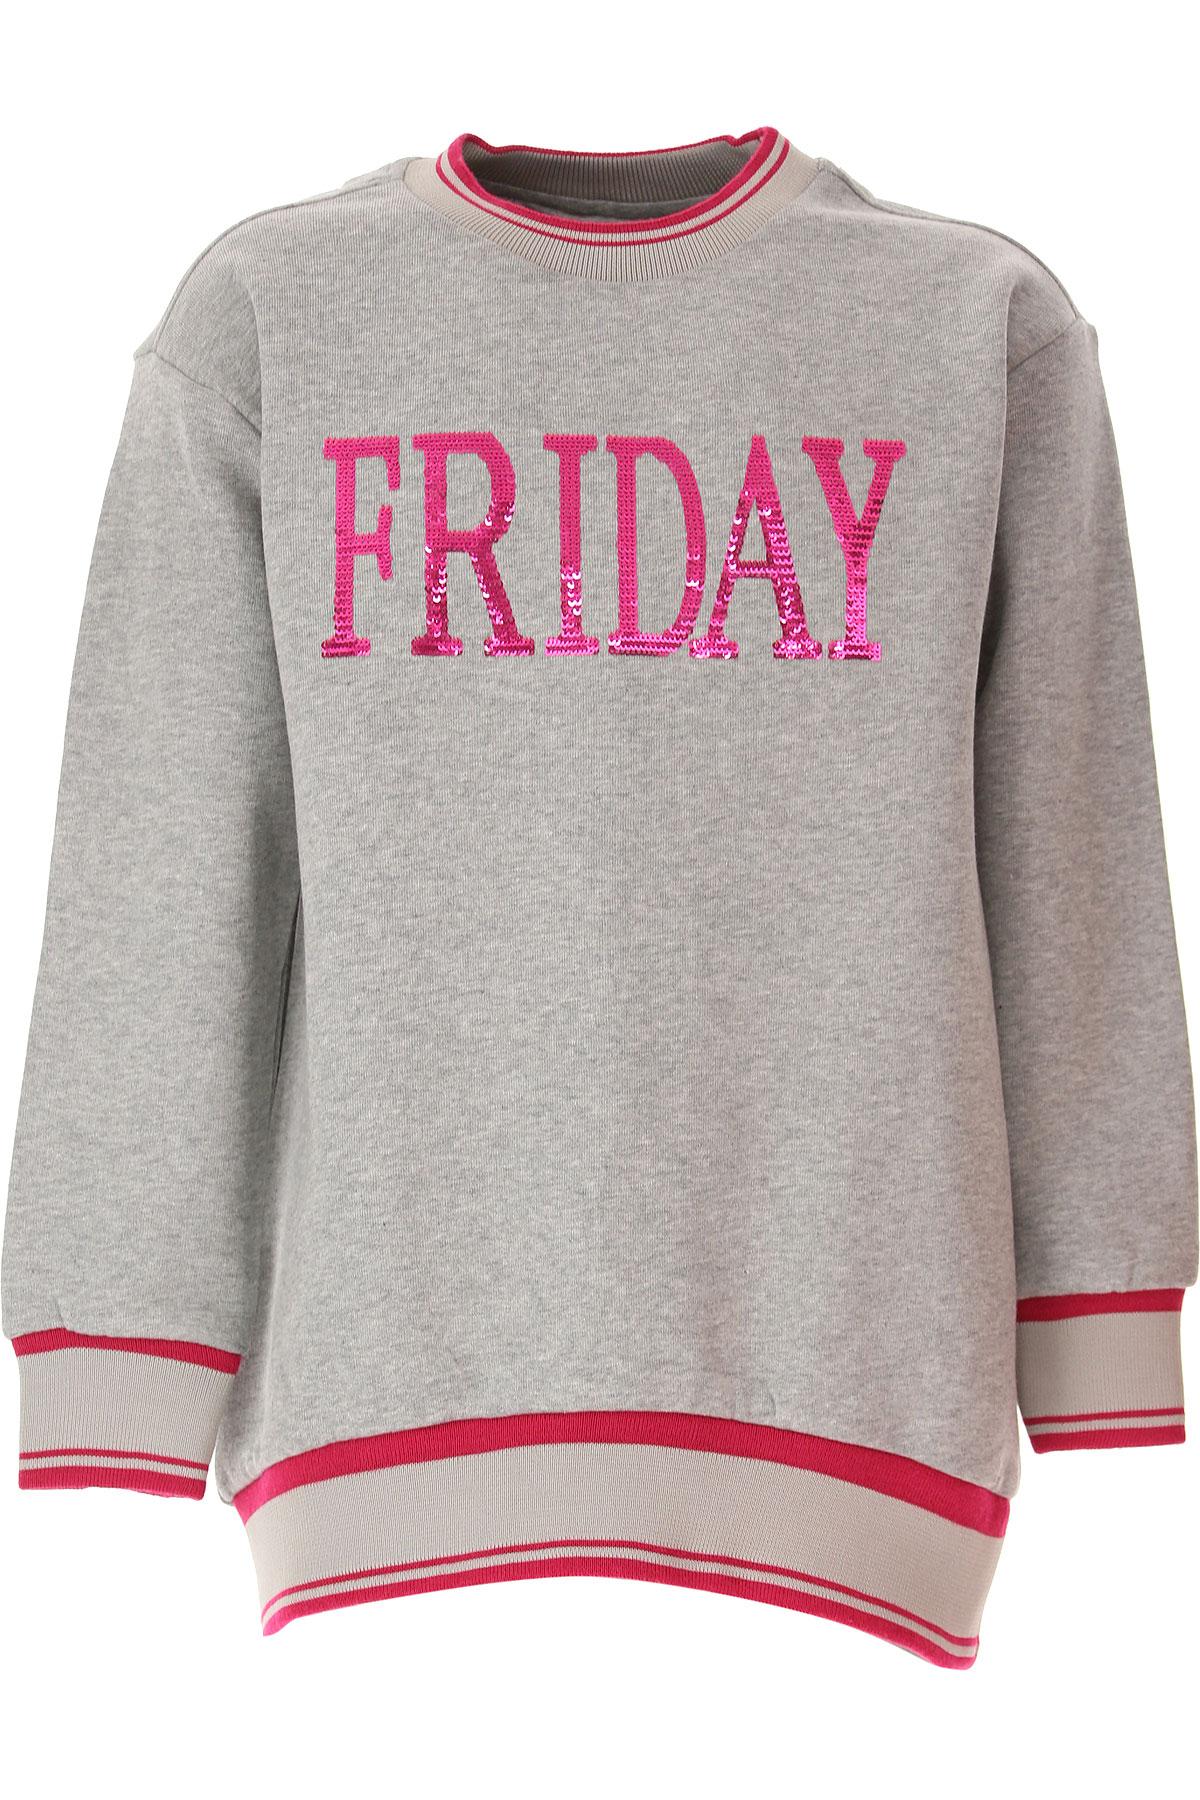 Alberta Ferretti Kids Sweatshirts & Hoodies for Girls On Sale, Grey, Cotton, 2019, 12Y 14Y